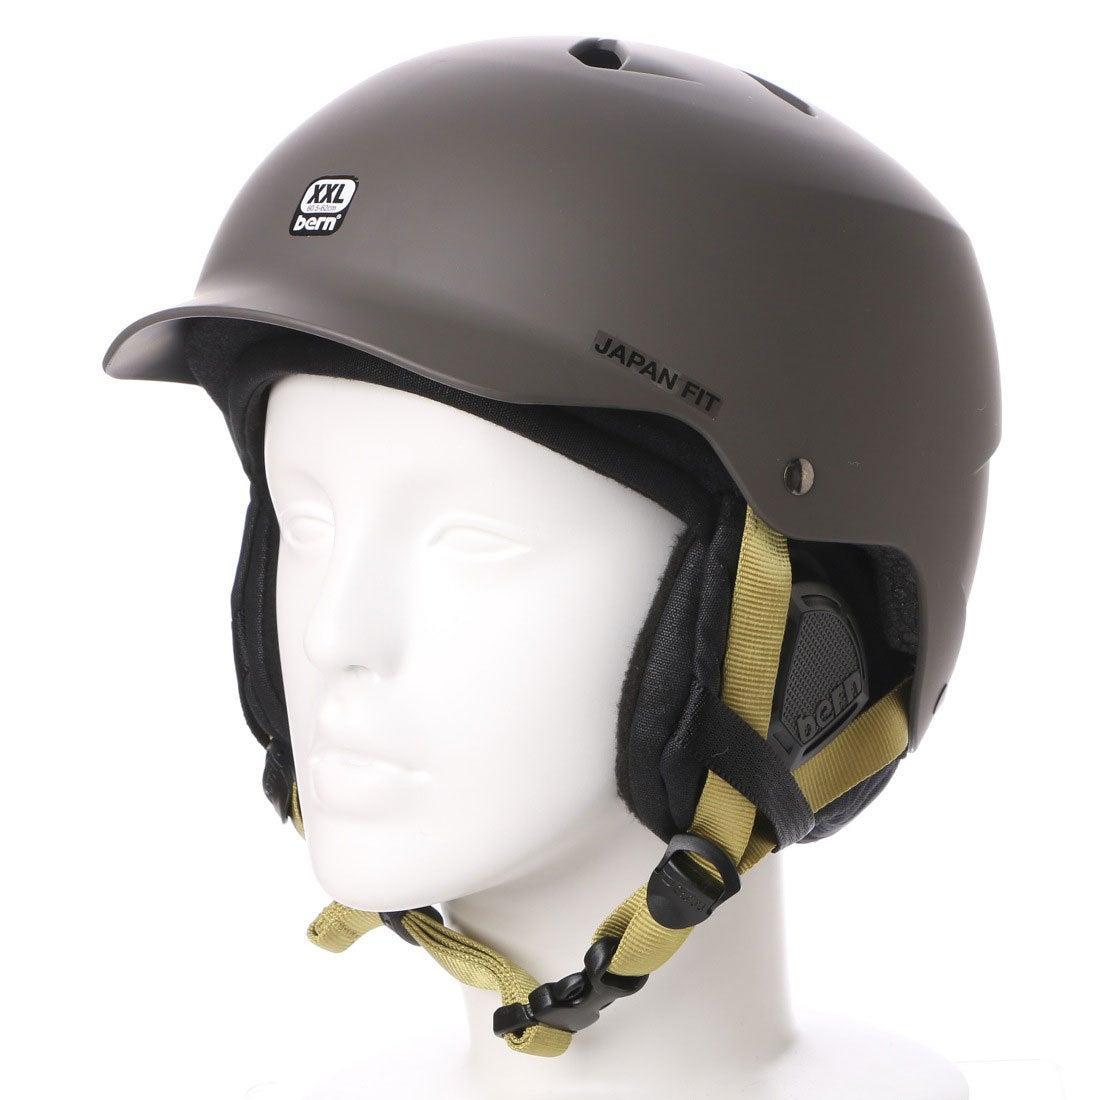 【SALE 30%OFF】バーン bern ユニセックス スキー/スノーボード ヘルメット スキー・スノーボードヘルメット WATTS XLCH 136